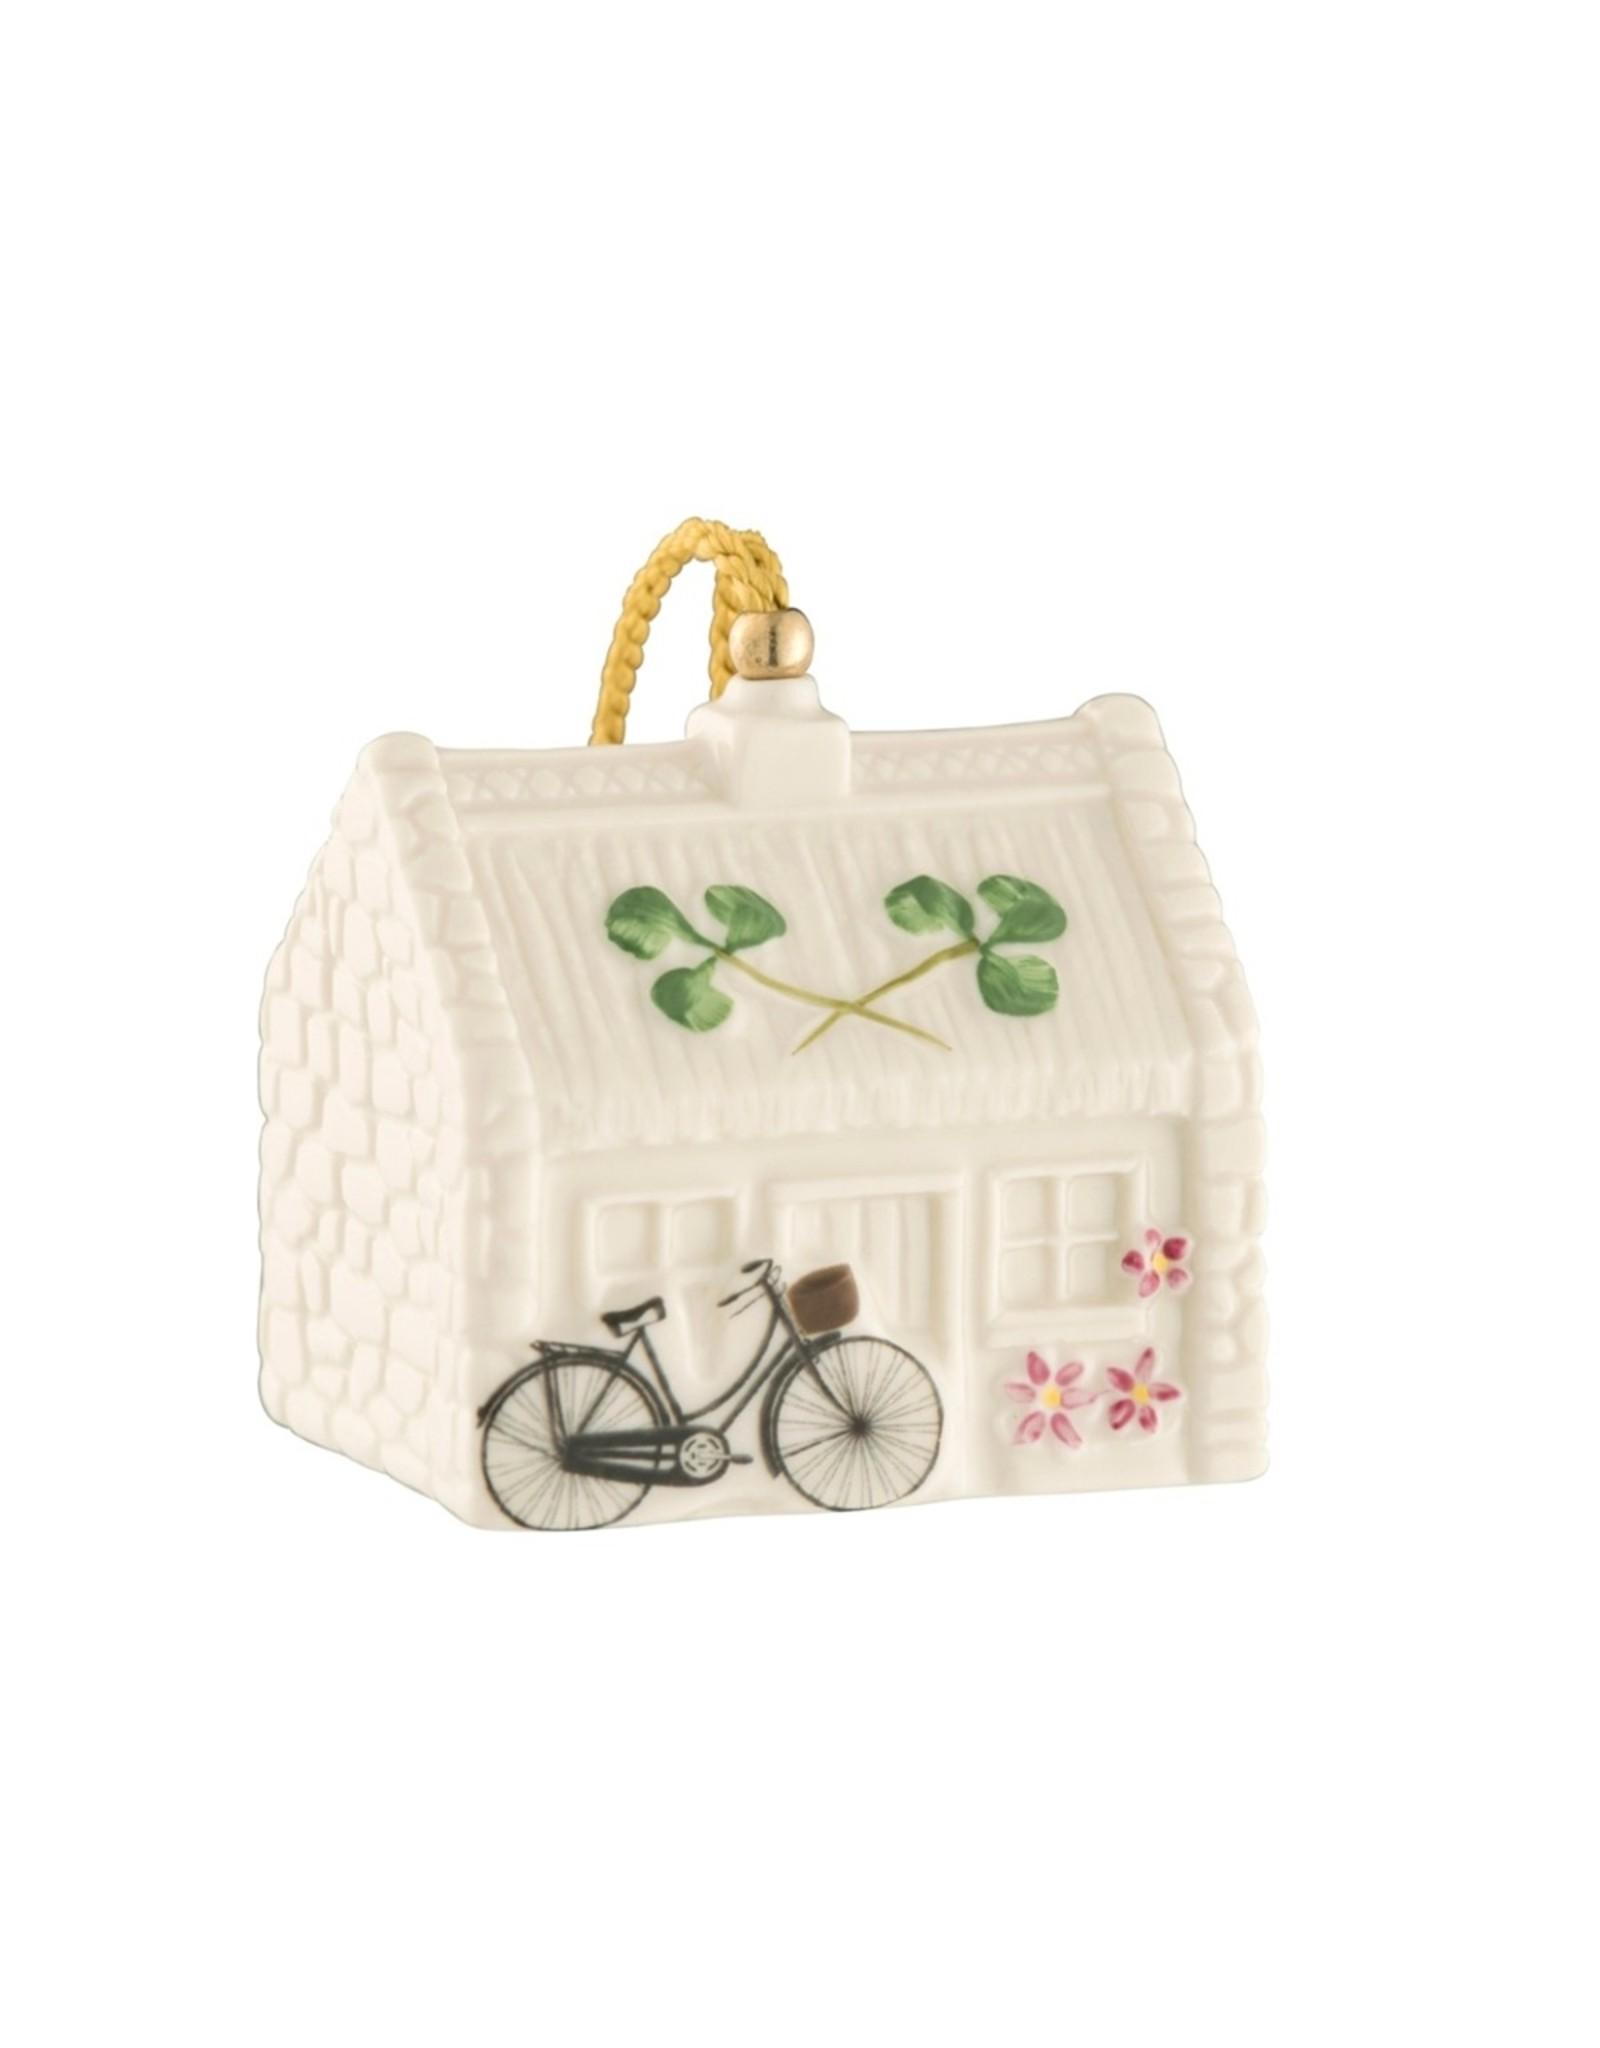 Belleek Nell's Cottage Ornament by Belleek